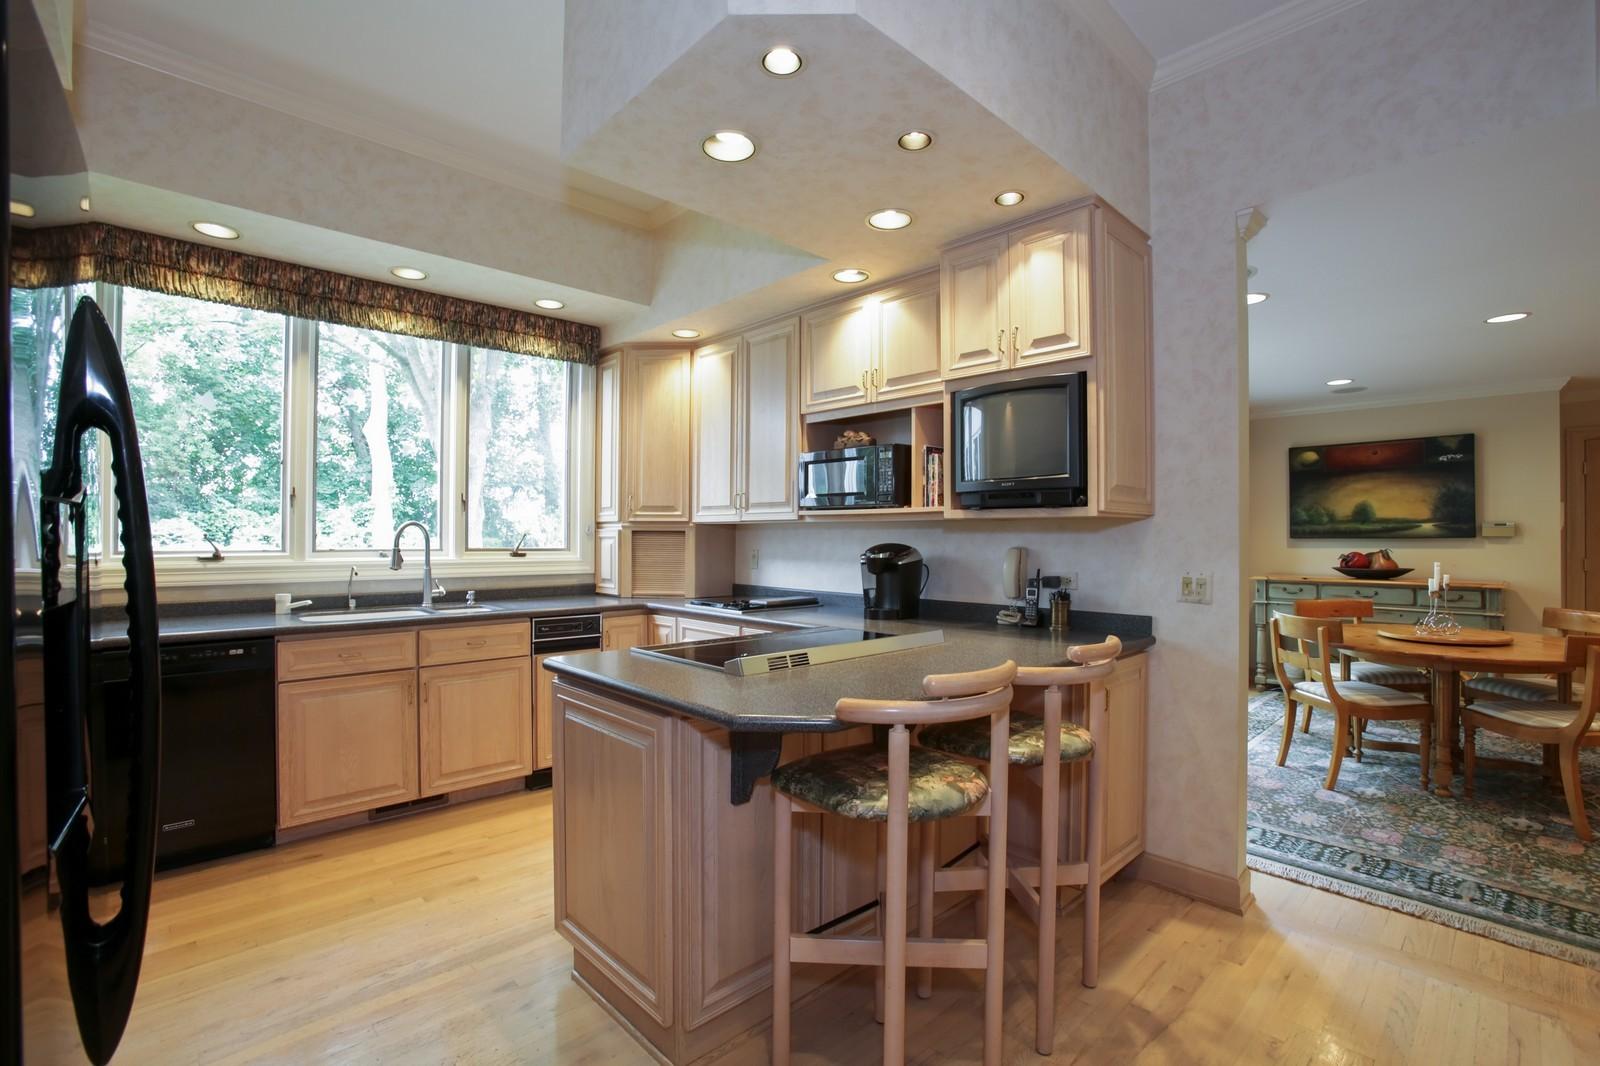 Real Estate Photography - 25W445 Plamondon Rd, Wheaton, IL, 60189 - Kitchen